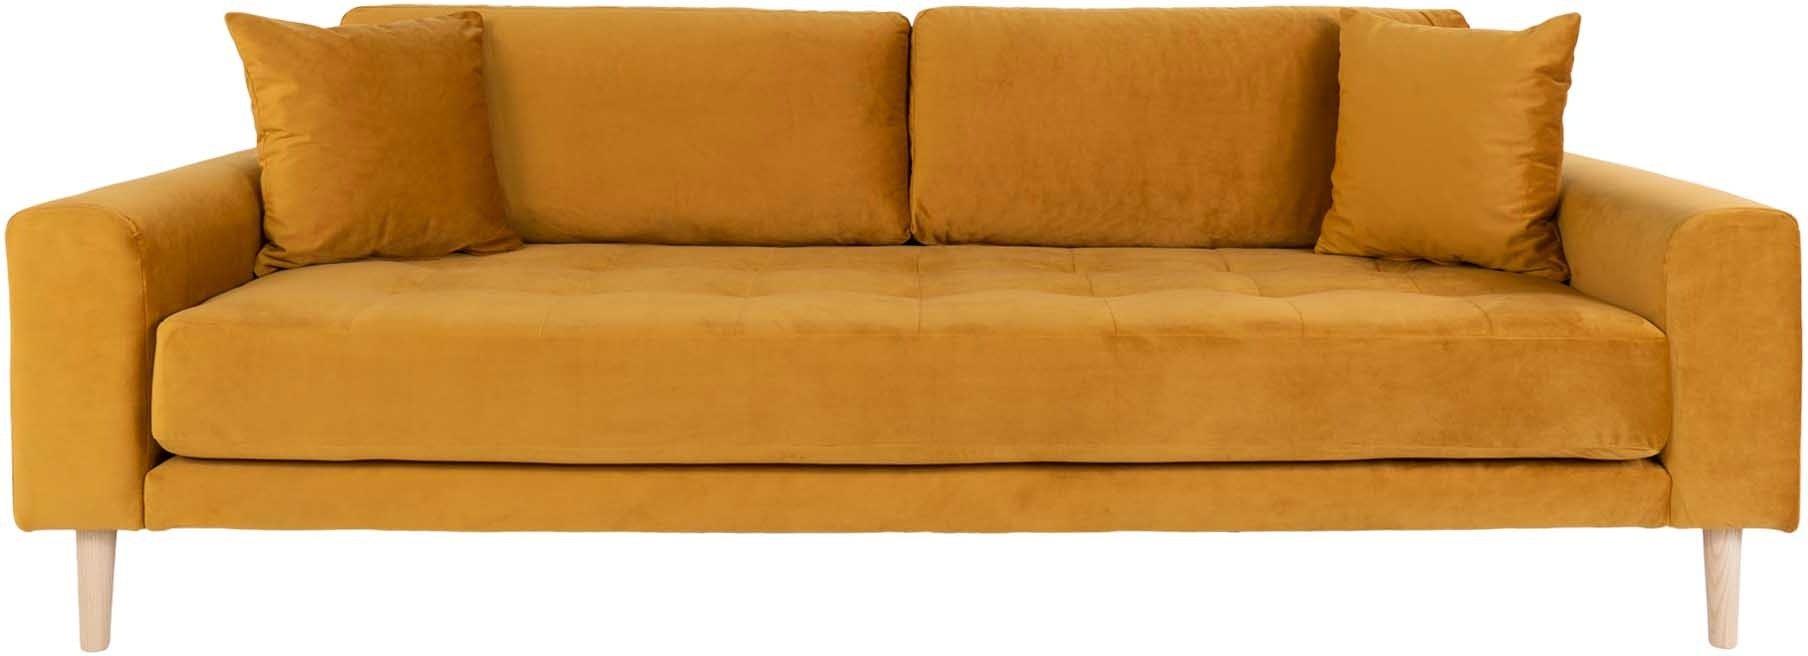 Lido, 3-personers sofa, Velour by Nordby (H: 78 cm. B: 210 cm. L: 93 cm., Mørkeblå)